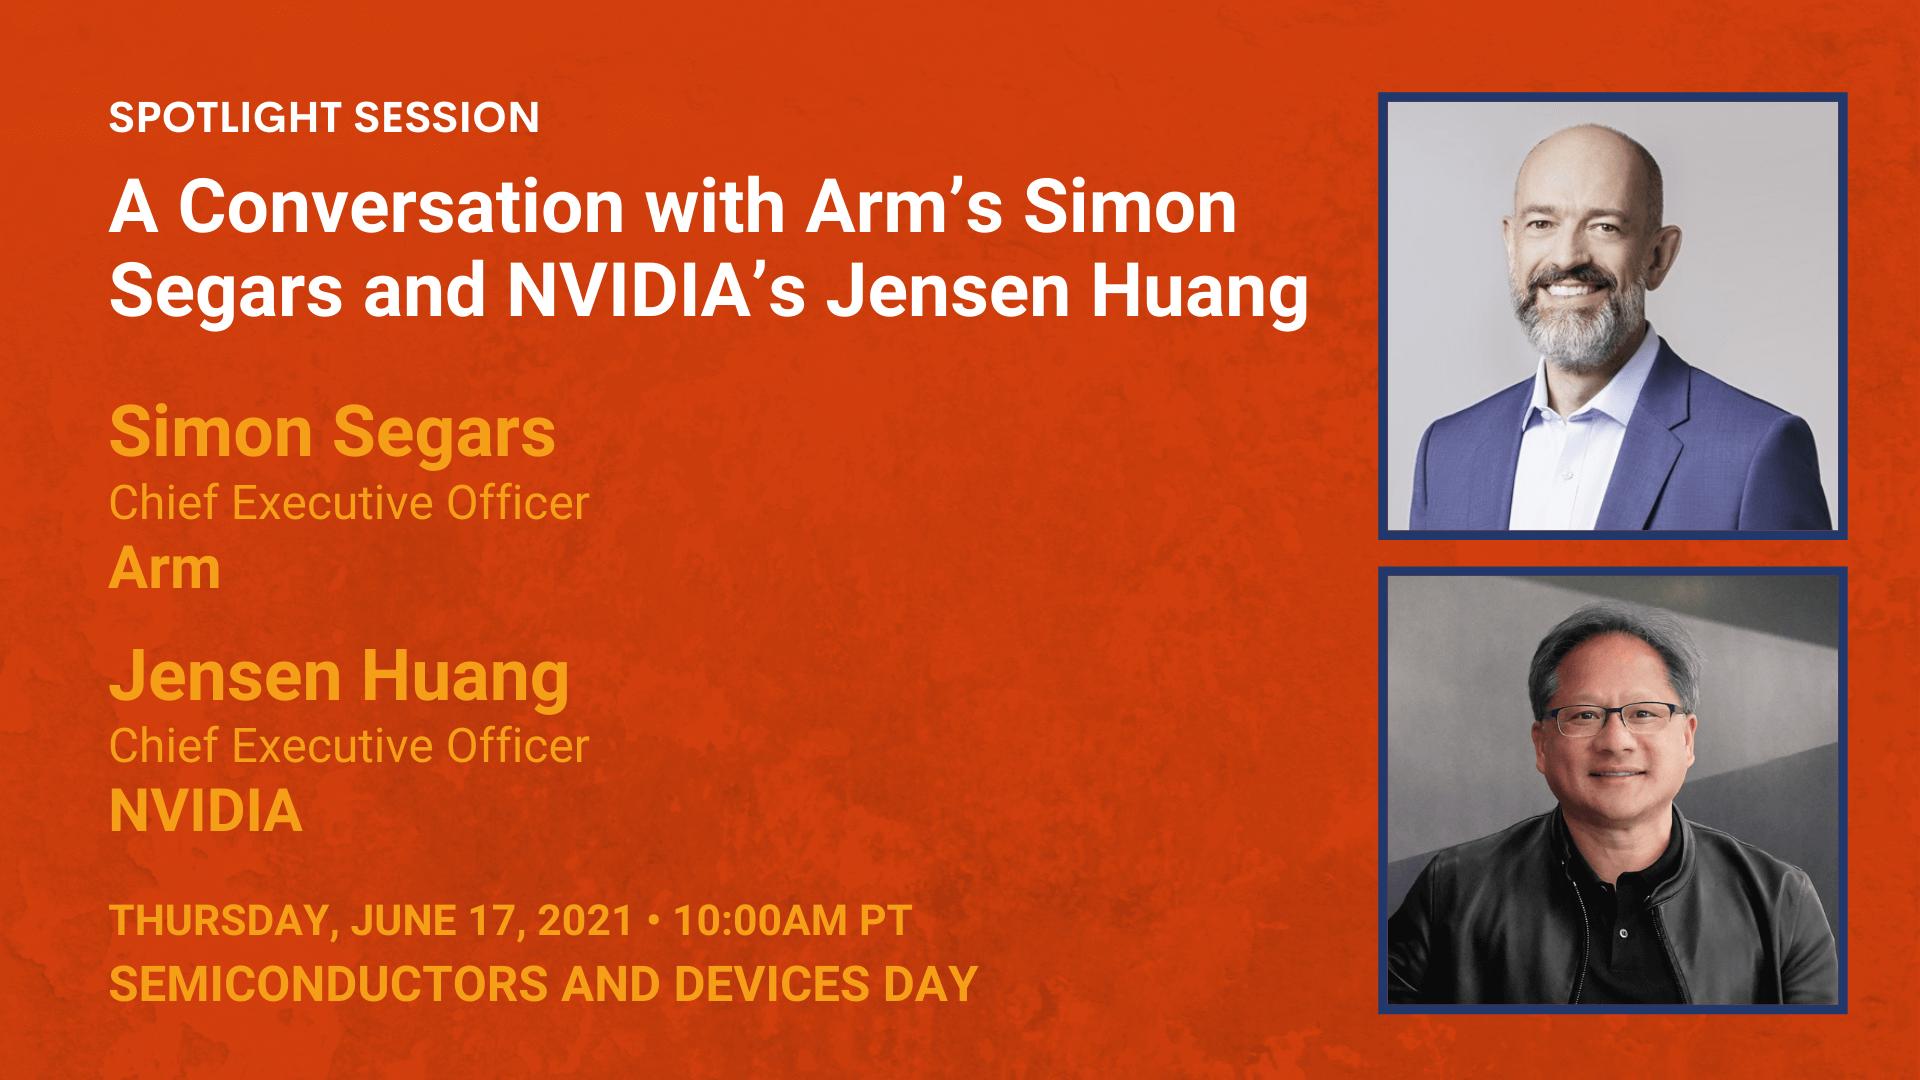 Arm — Simon Segars and NVIDIA — Jensen Huang